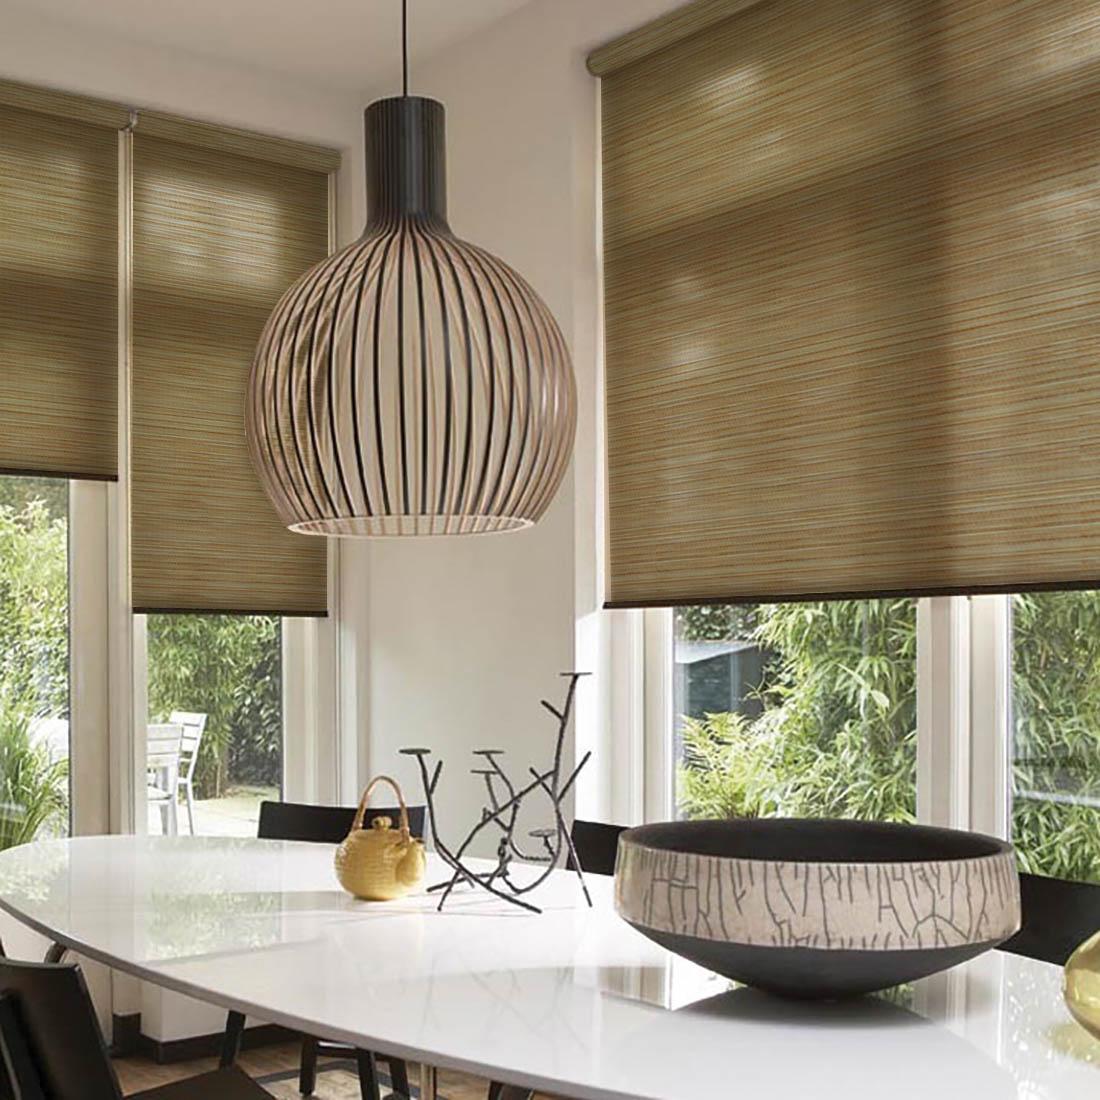 Шторы из бамбука – оригинальный современный аксессуар для создания необычного интерьера в восточном или минималистичном стиле. Особенность устройства полотна позволяет свободно пропускать дневной свет, что обеспечивает мягкое освещение комнаты. Это натуральный влагостойкий материал, который легко вписывается в любой интерьер, хорошо сочетается с различной мебелью и элементами отделки. Использование бамбукового полотна придает помещению необычный вид и визуально расширяет пространство.Кронштейны - специальные крючки-держатели, которые крепятся на поверхность, а на них крепится штора. Такой вид крепления обычно используется для рулонных, французских, римских или австрийских штор. Кронштейны держат конструкцию из вала (карниза), на котором находится полотно, и механизма подъема/опускания шторы.ВНИМАНИЕ! Комплектация штор может отличаться от представленной на фотографии. Фактическая комплектация указана в описании изделия.Производитель: Dome.Cтрана бренда: Дания.Рулонные шторы.Материал портьеры: бамбук.Состав портьеры: бамбуковое волокно с нитью из полиэстера.Размер портьеры: 81 х 172 см. (1 шт.).Вид крепления: кронштейны.Тип карниза: без использования карниза.Рекомендуемая ширина карниза (см.): 80-160.Светозащита 55-85%.В комплект входят:- Крепления на отрытую створку окна.- Кронштейны для вала со шторкой.- Вал с тканью (шторка).- Цепочка для регулирования шторы.- Утяжелитель для шторки.Крепление на глухую створку, направляющие, фиксатор для цепочного механизма - приобретаются отдельно. Максимальный размер карниза, указанный в описании, предполагает, что Вы будете использовать 2 полотна на одно окно. Обратите внимание на информацию о том, сколько полотен входит в данный комплект изначально. Зачастую шторы продаются по одному полотну, чтобы дать возможность подобрать изделия в желаемом цвете и стиле, создавая свое неповторимое сочетание.Комплектация: 1 портьера, крепления на отрытую створку окна, кронштейны для вала со шторкой, цепочка для регулирования шторы, утяжелите